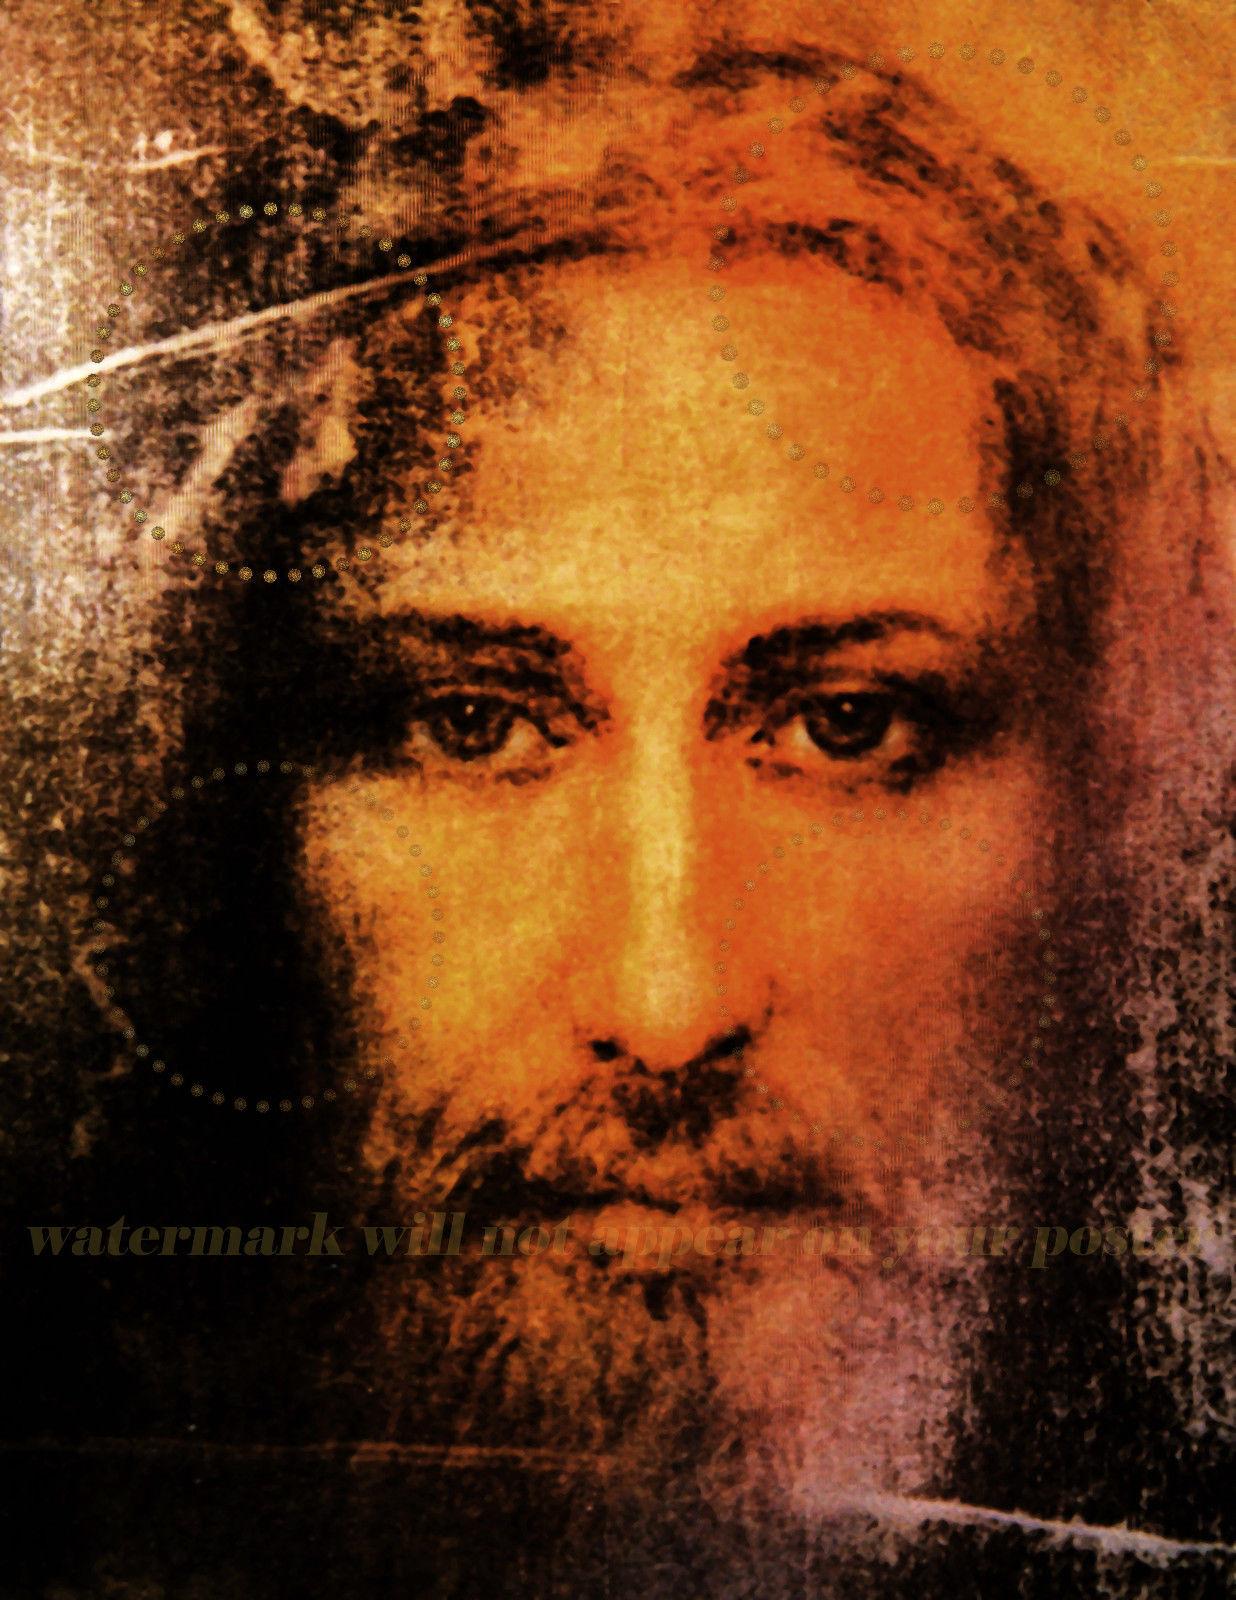 отличие, самый старинный лик иисуса христа фото придумала